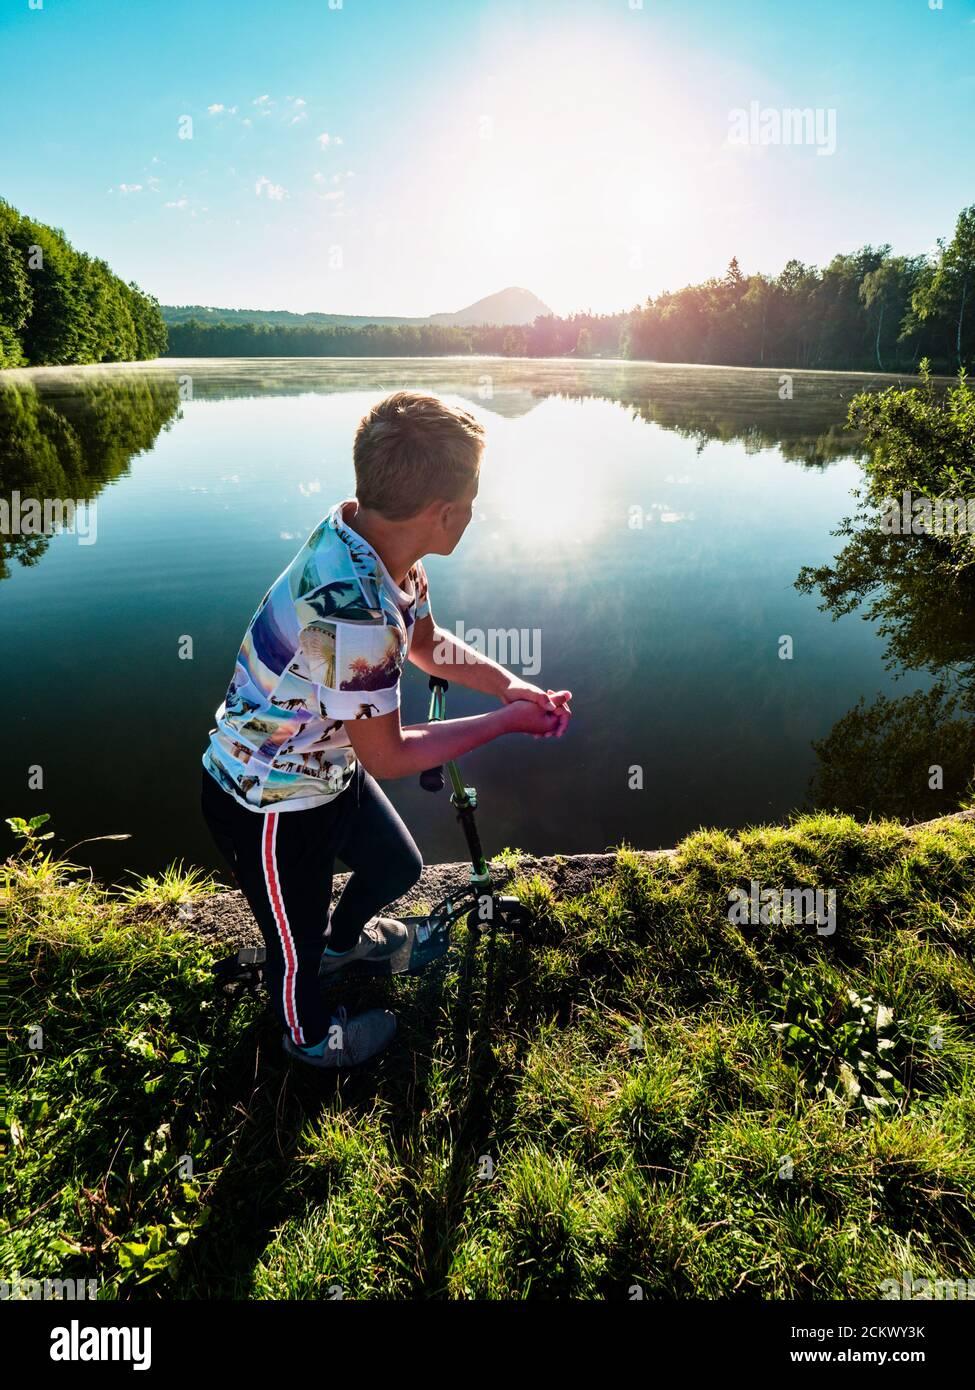 Rubio de pelo chico con scooter se encuentra en un camino de parque a lo largo del lago. Concepto de deportes infantiles. El sol de la noche está haciendo llamaradas y reflexiones en el agua. Foto de stock